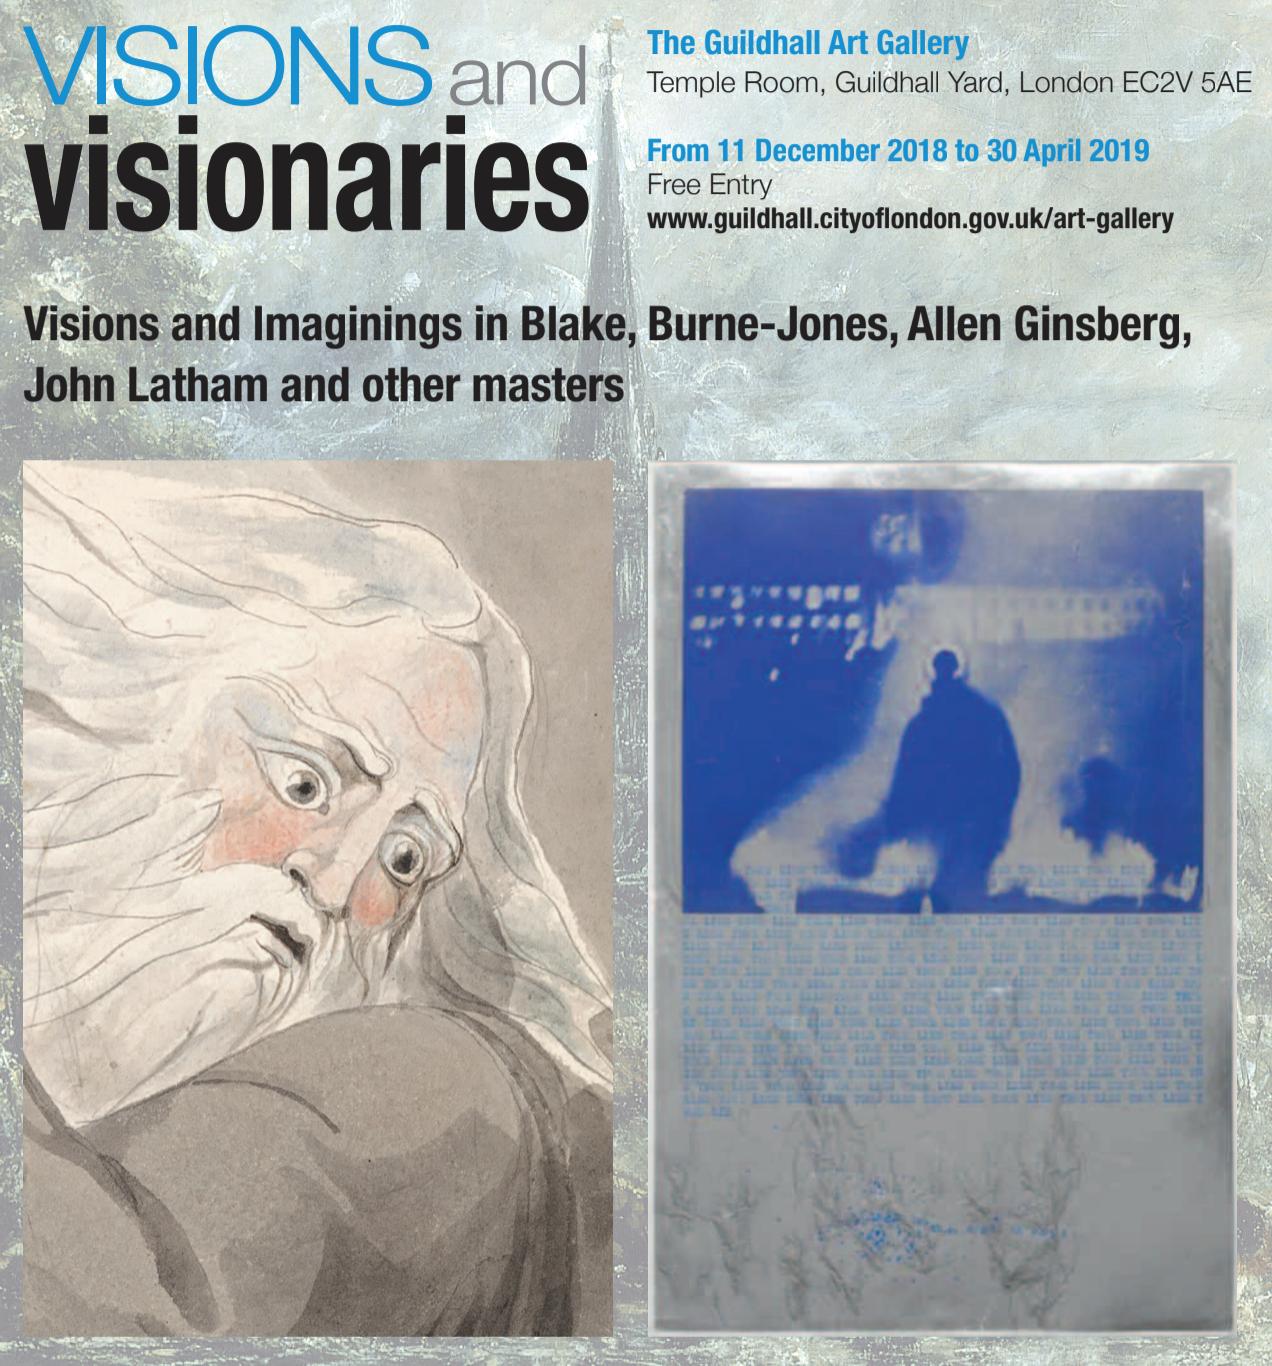 Visions and Visionaries